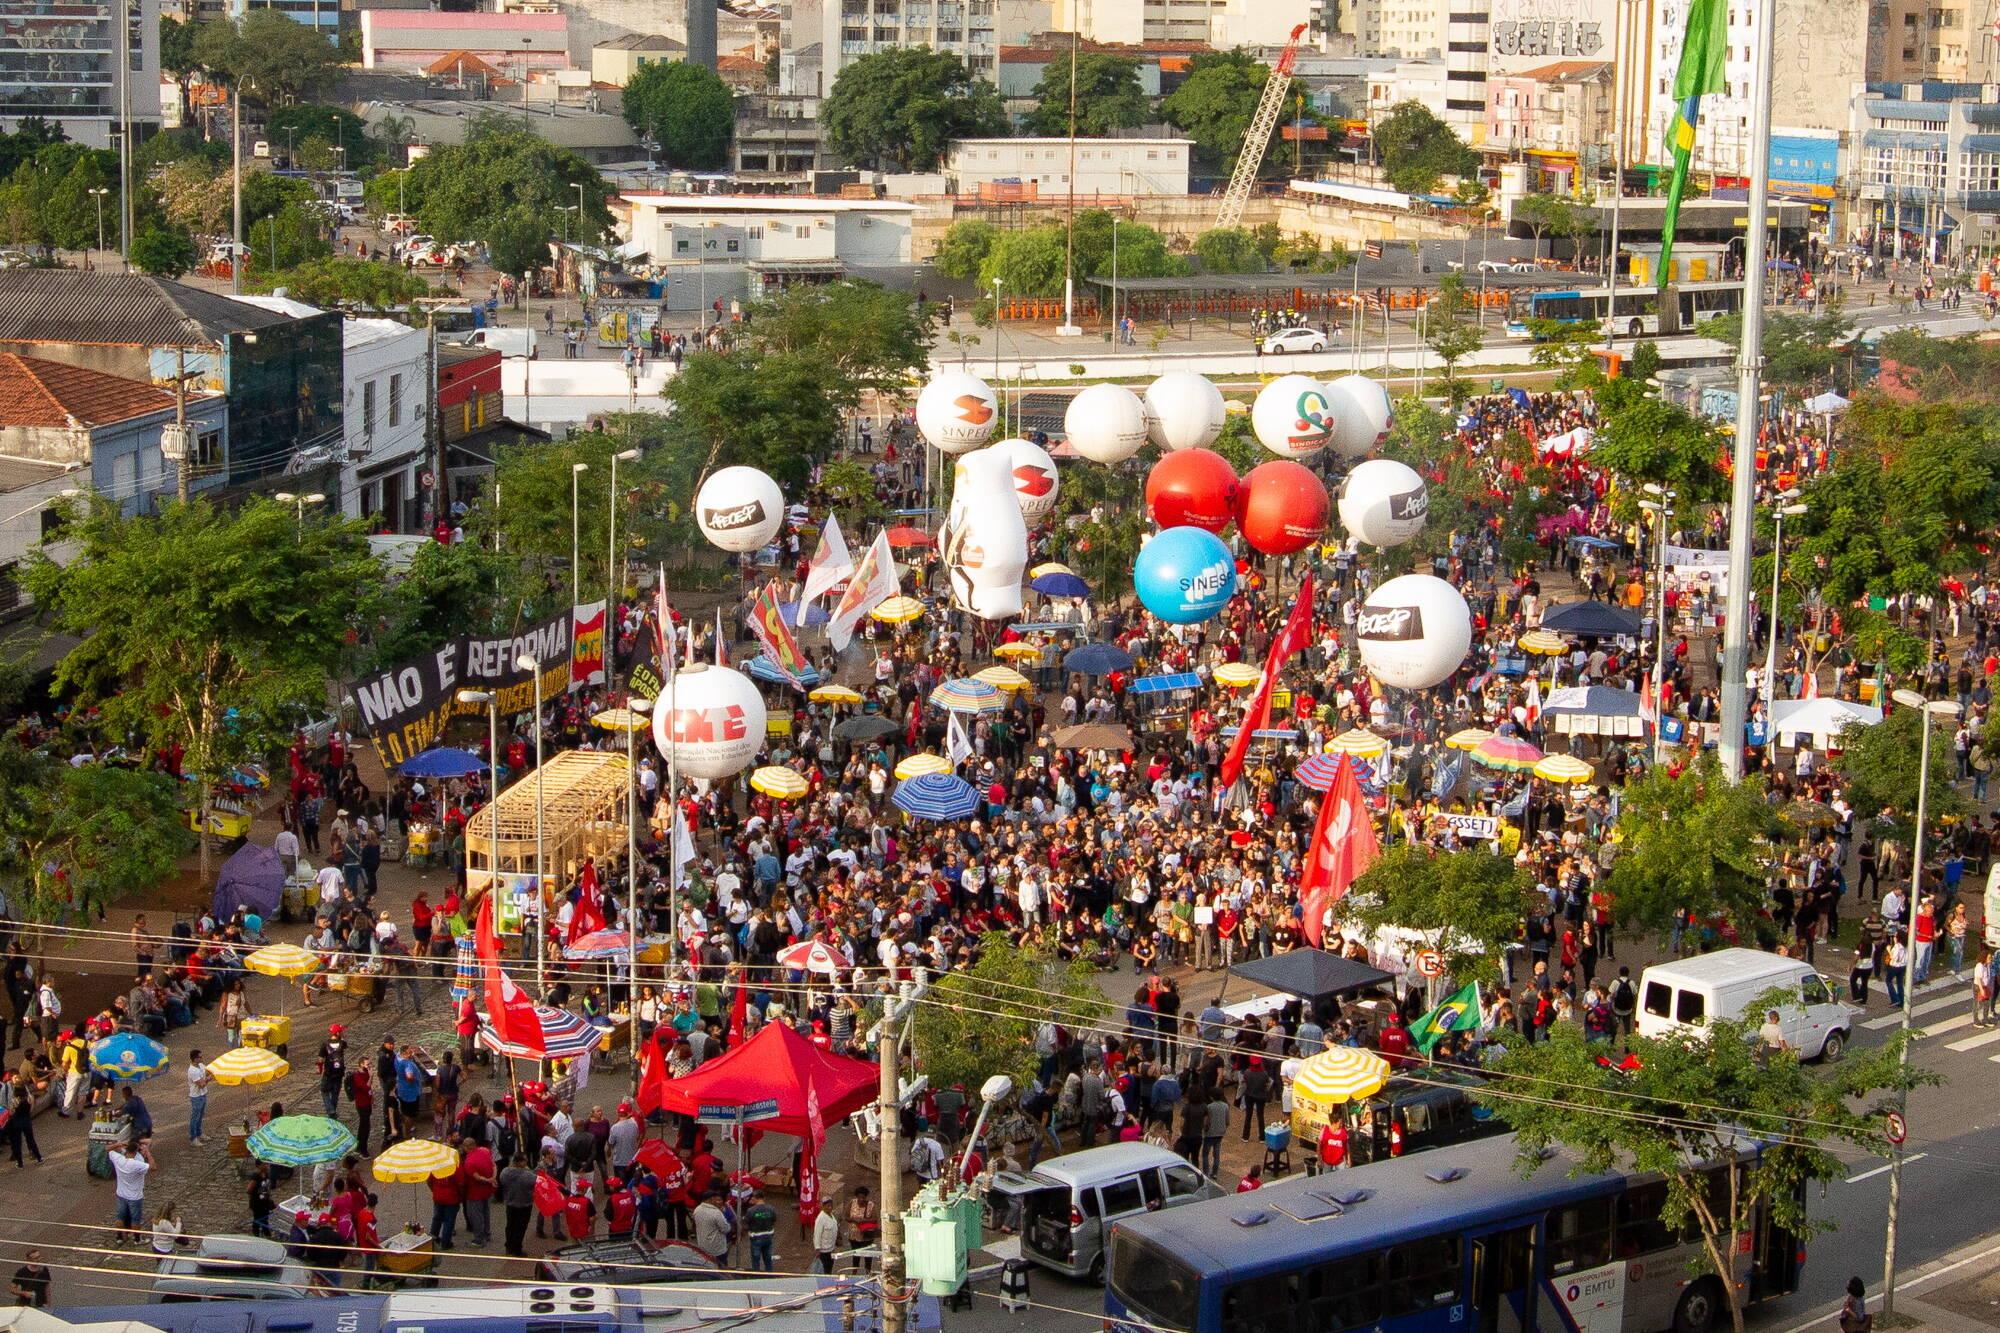 Concentração de manifestantes no Largo da Batata, em São Paulo. Foto: Kevin David/A7 Press/Agencia O Globo - 30.5.19